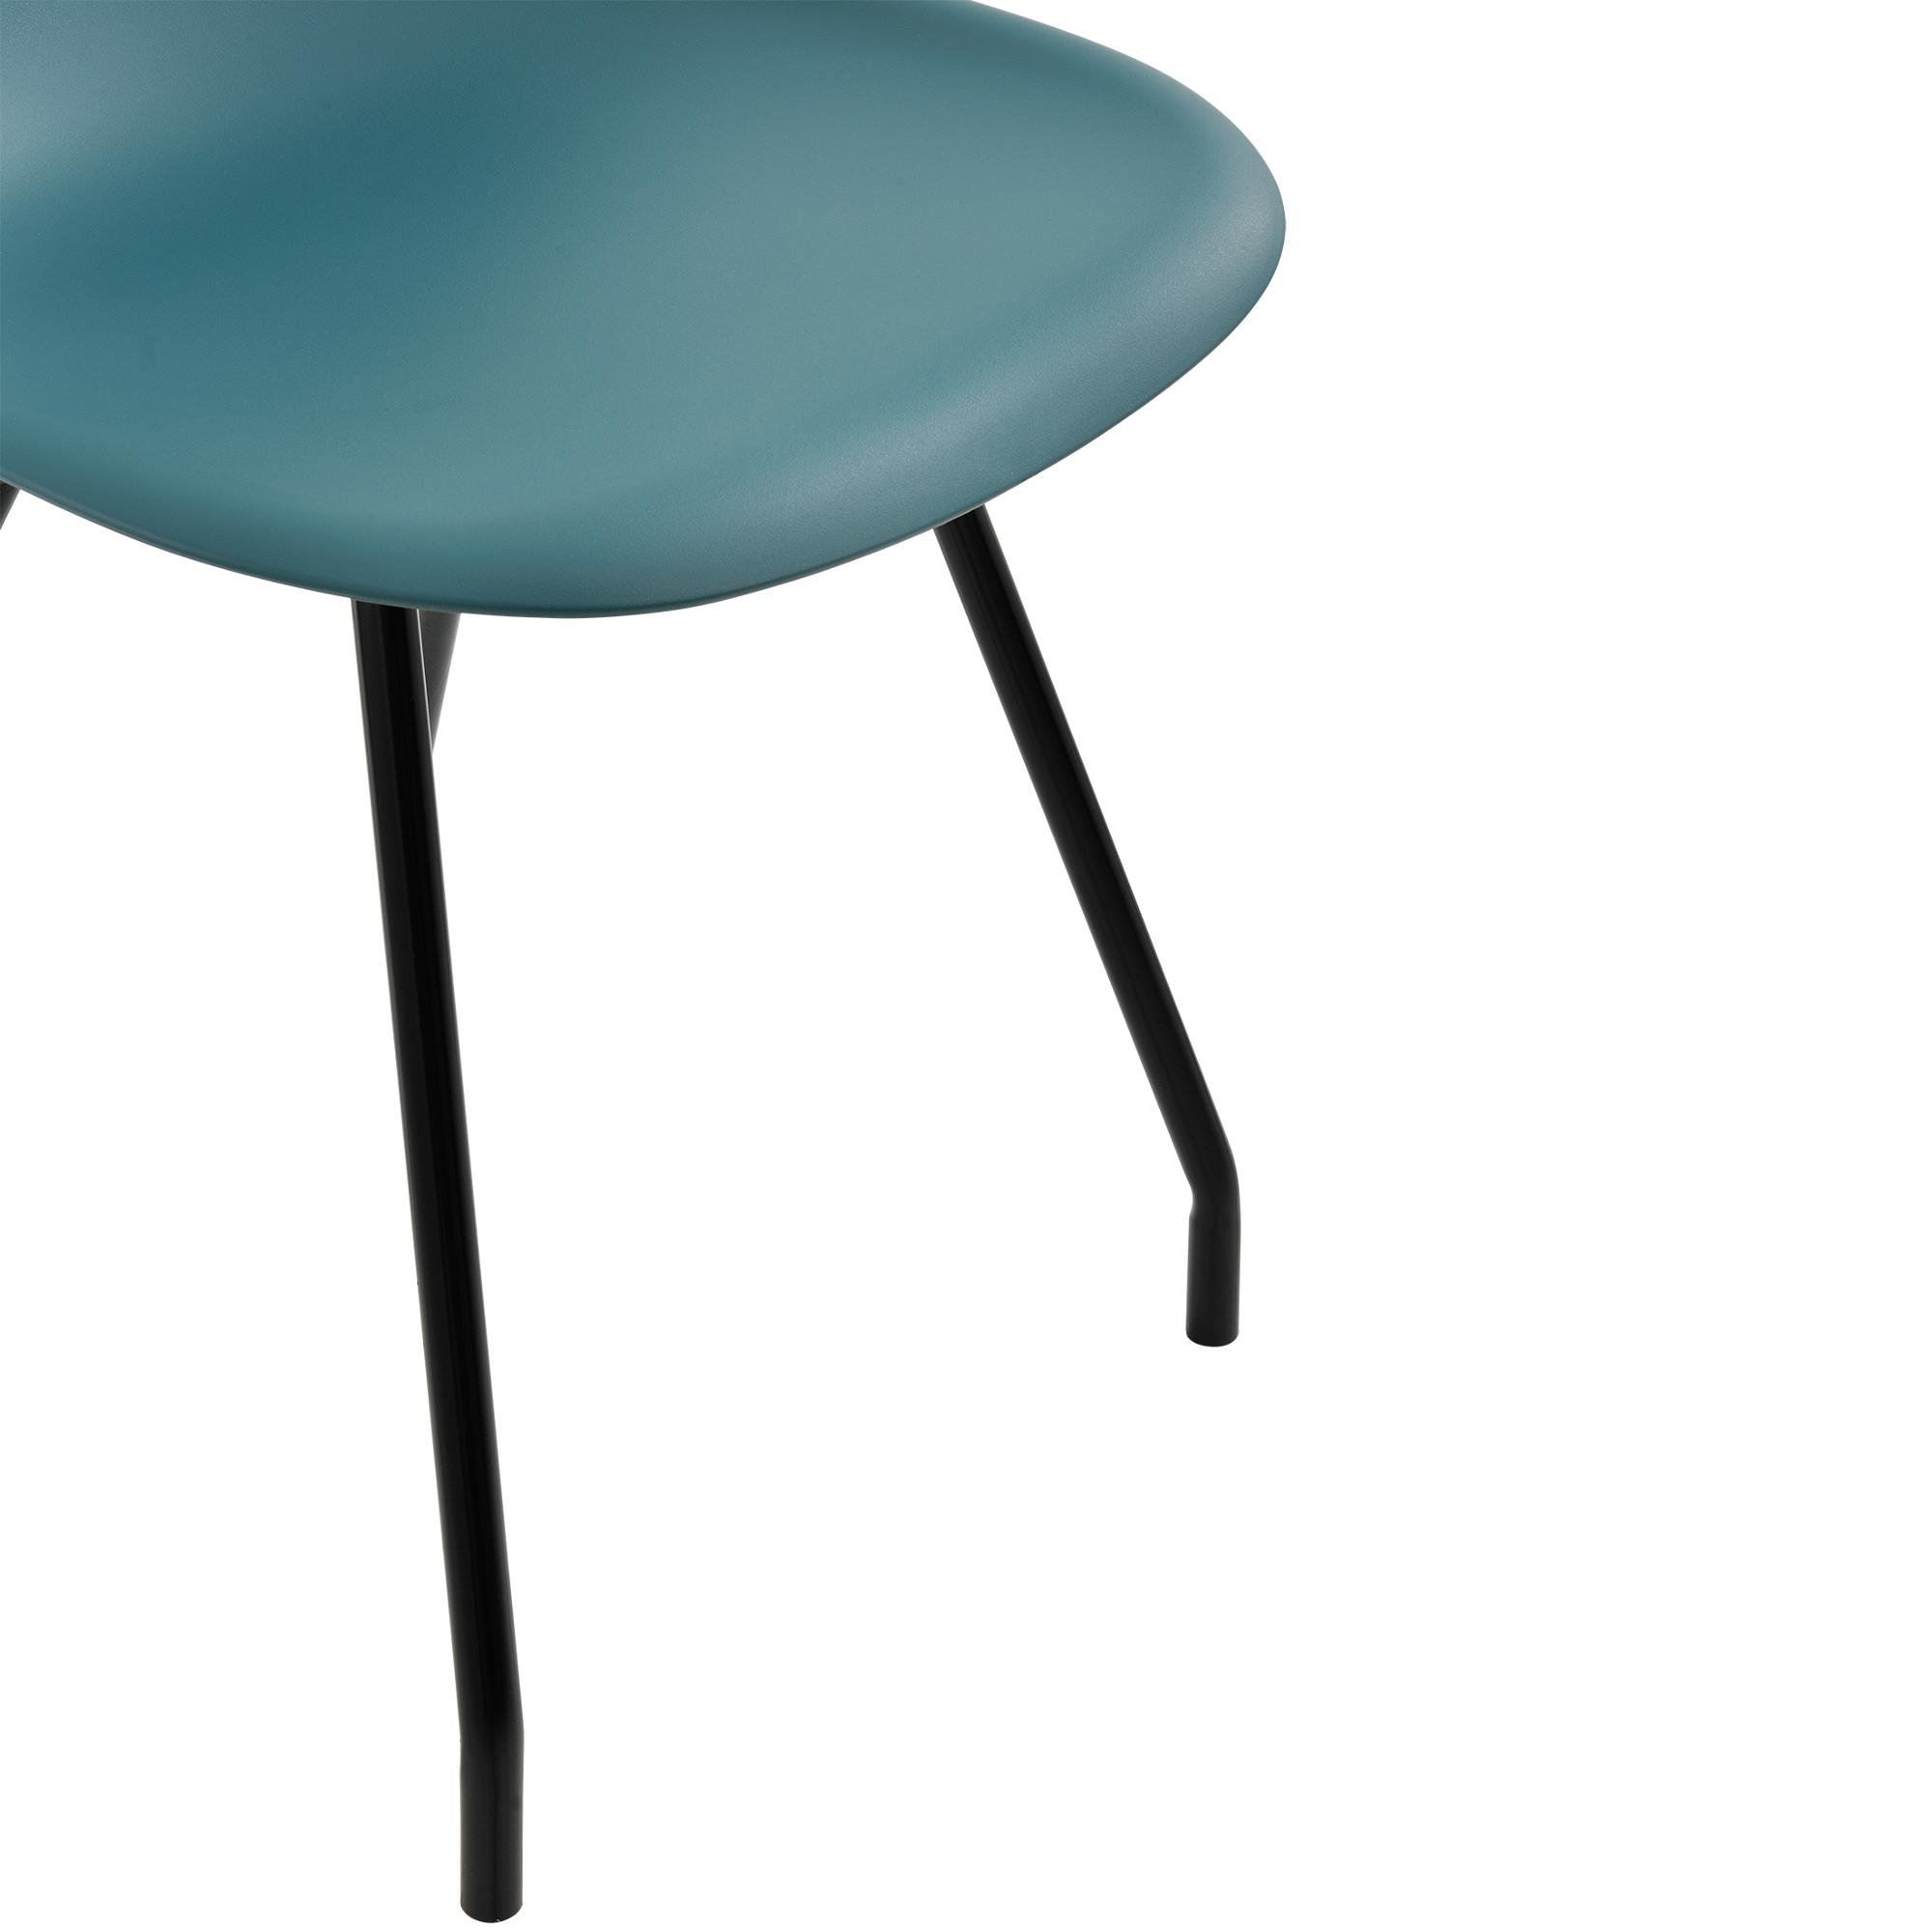 6x design st hle esszimmer t rkis stuhl plastik kunststoff retro 4059438106538 ebay. Black Bedroom Furniture Sets. Home Design Ideas